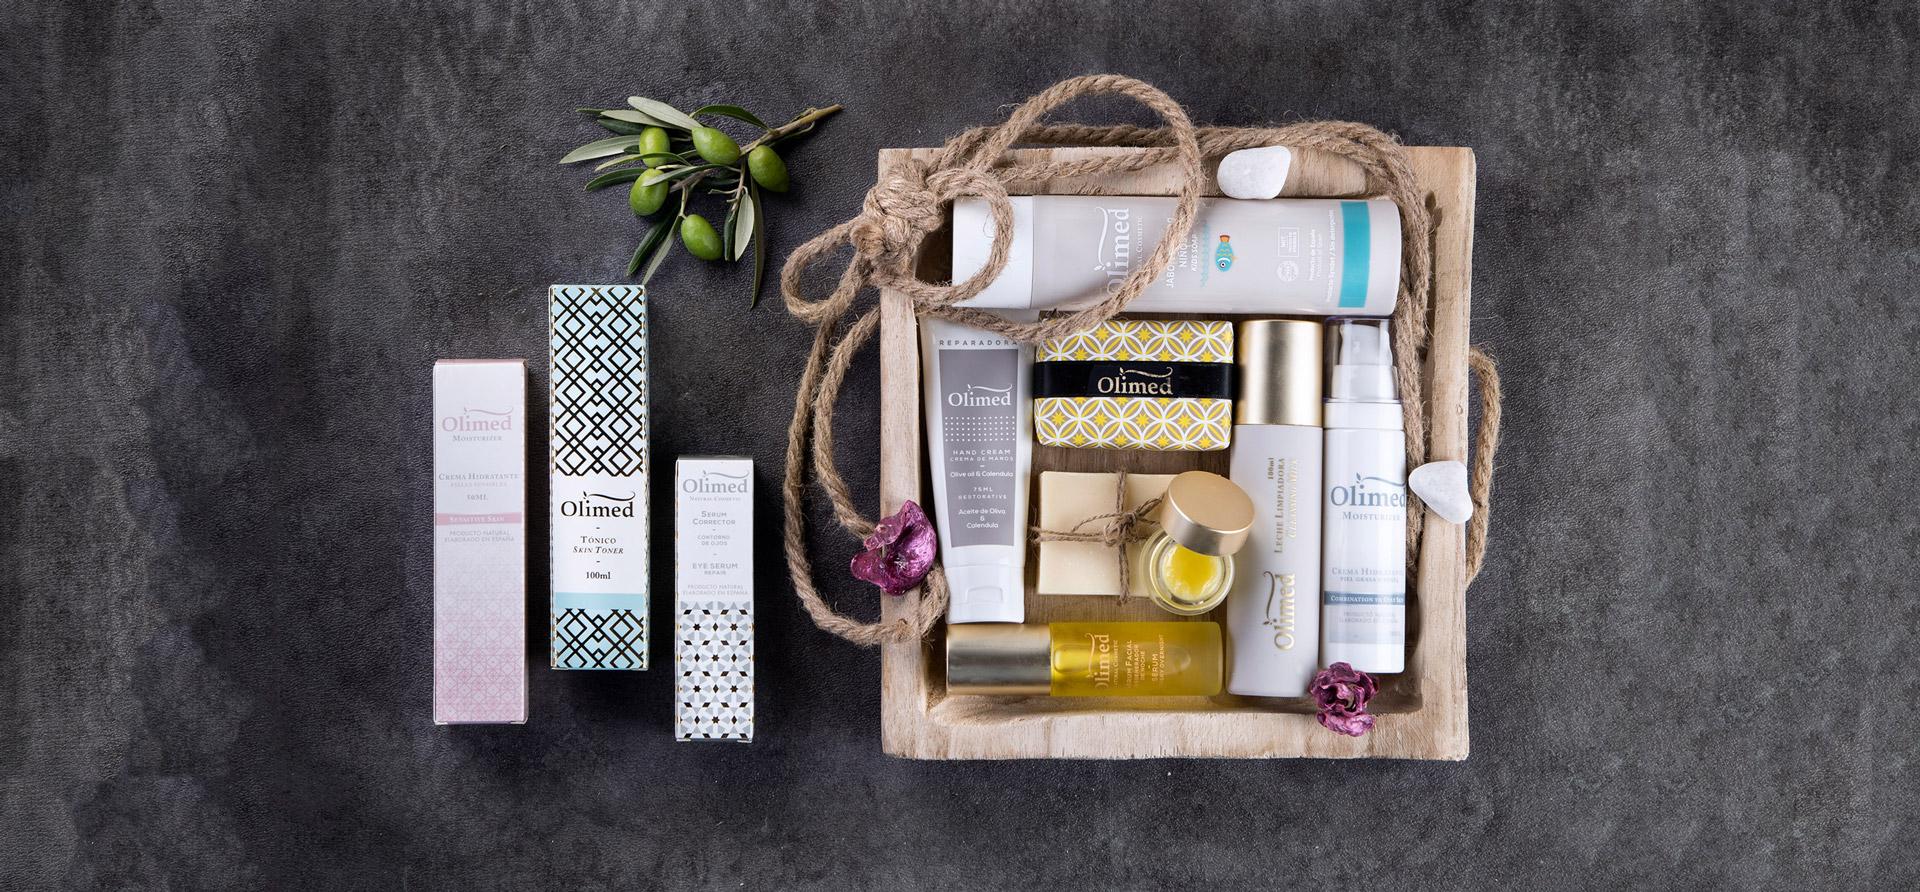 Cesta de productos para la piel: Olimed Cosmetic